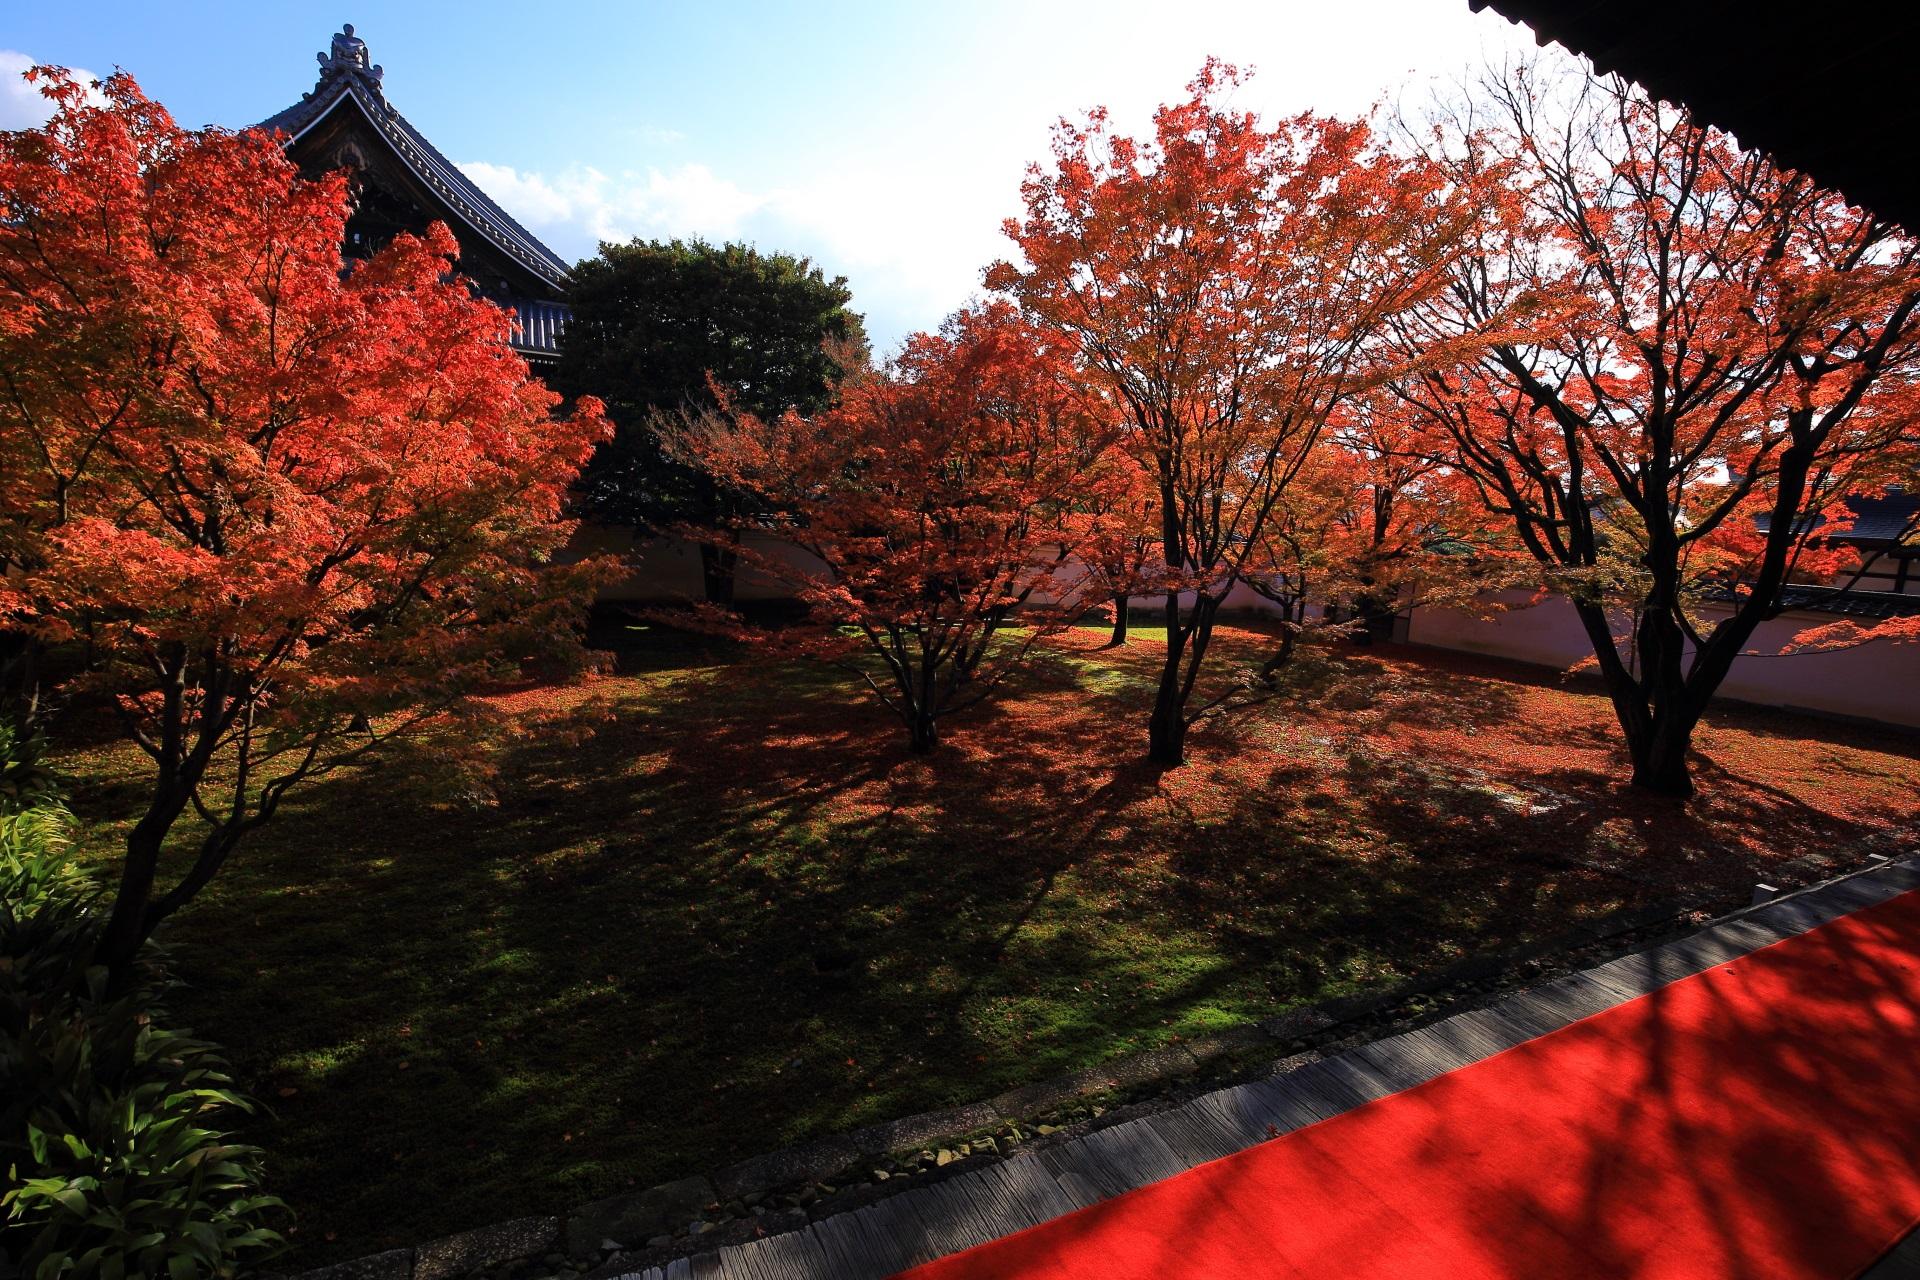 妙覚寺の太陽に照らされて煌びやかに輝く紅葉